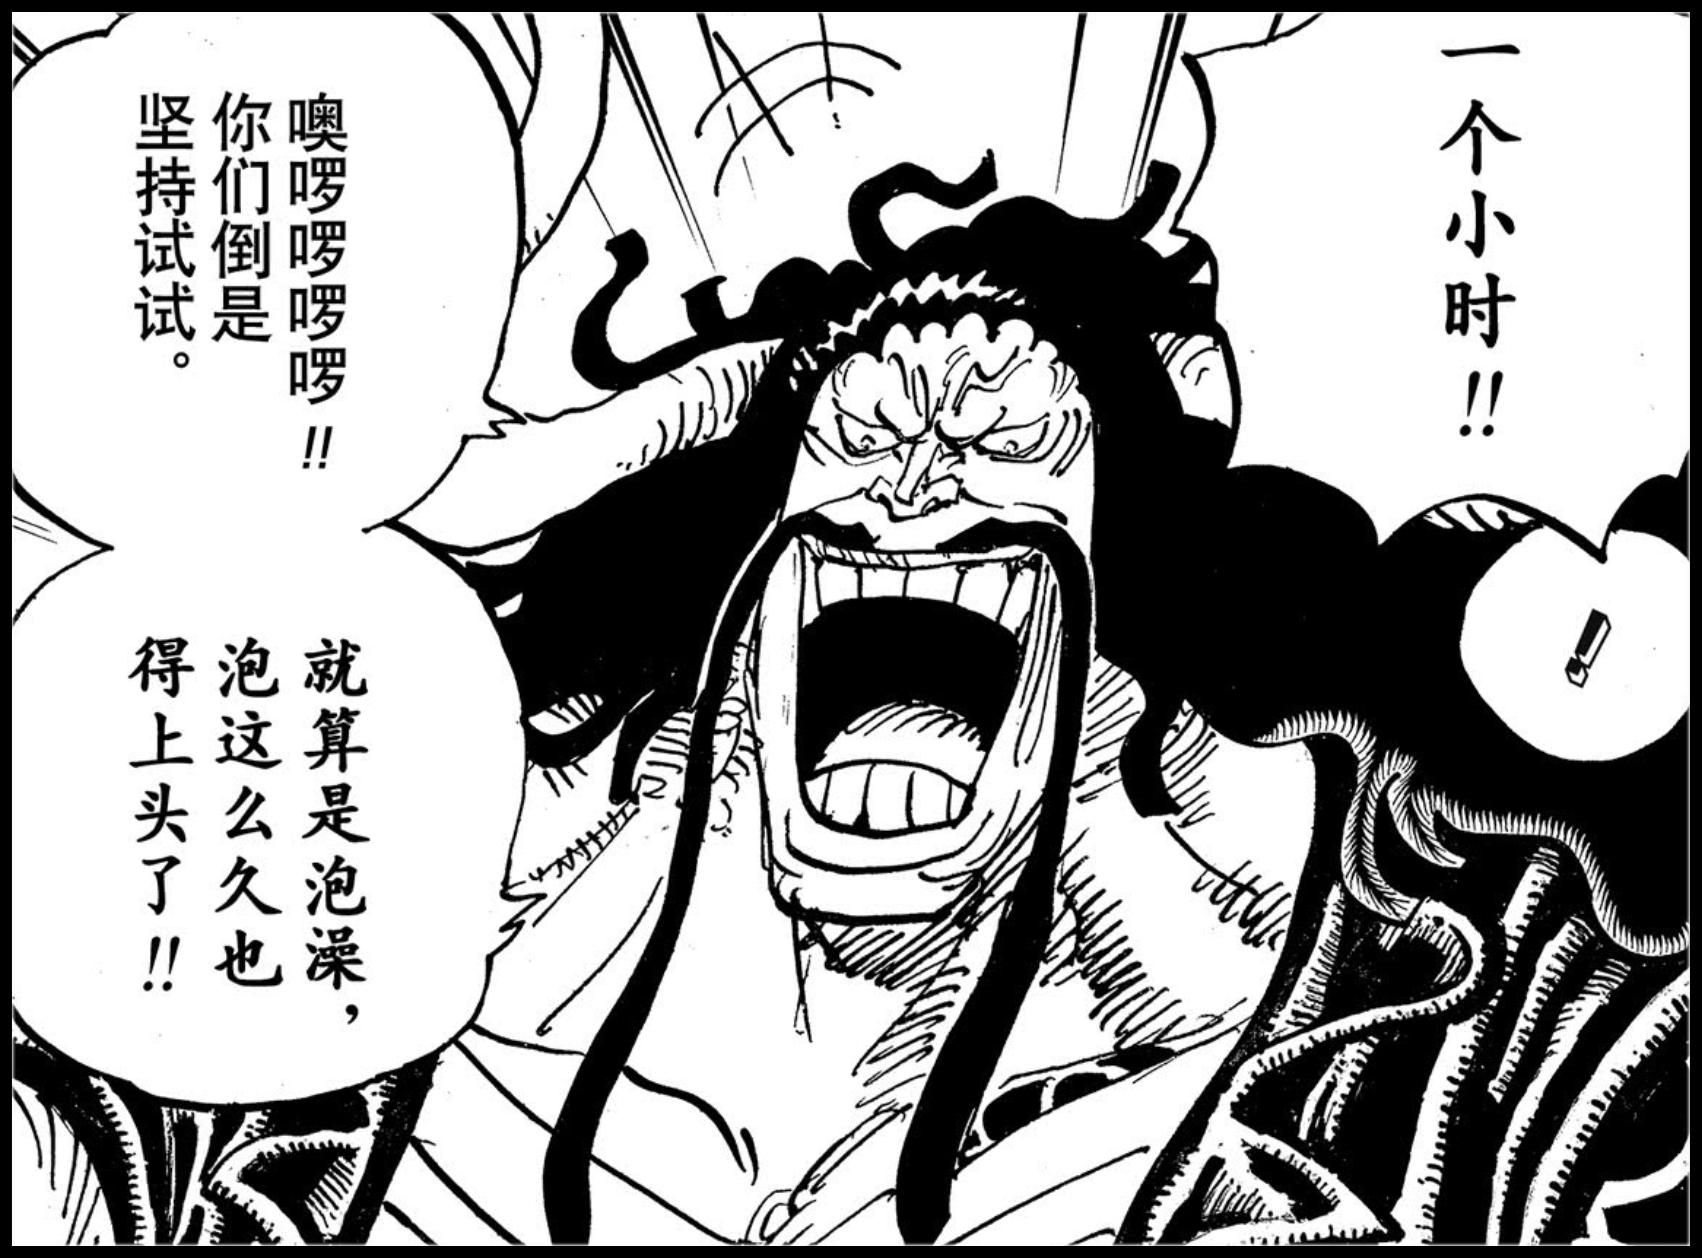 海賊王972話鼠繪漢化:御田告訴光月時,只有20年后的路飛才能擊敗凱多